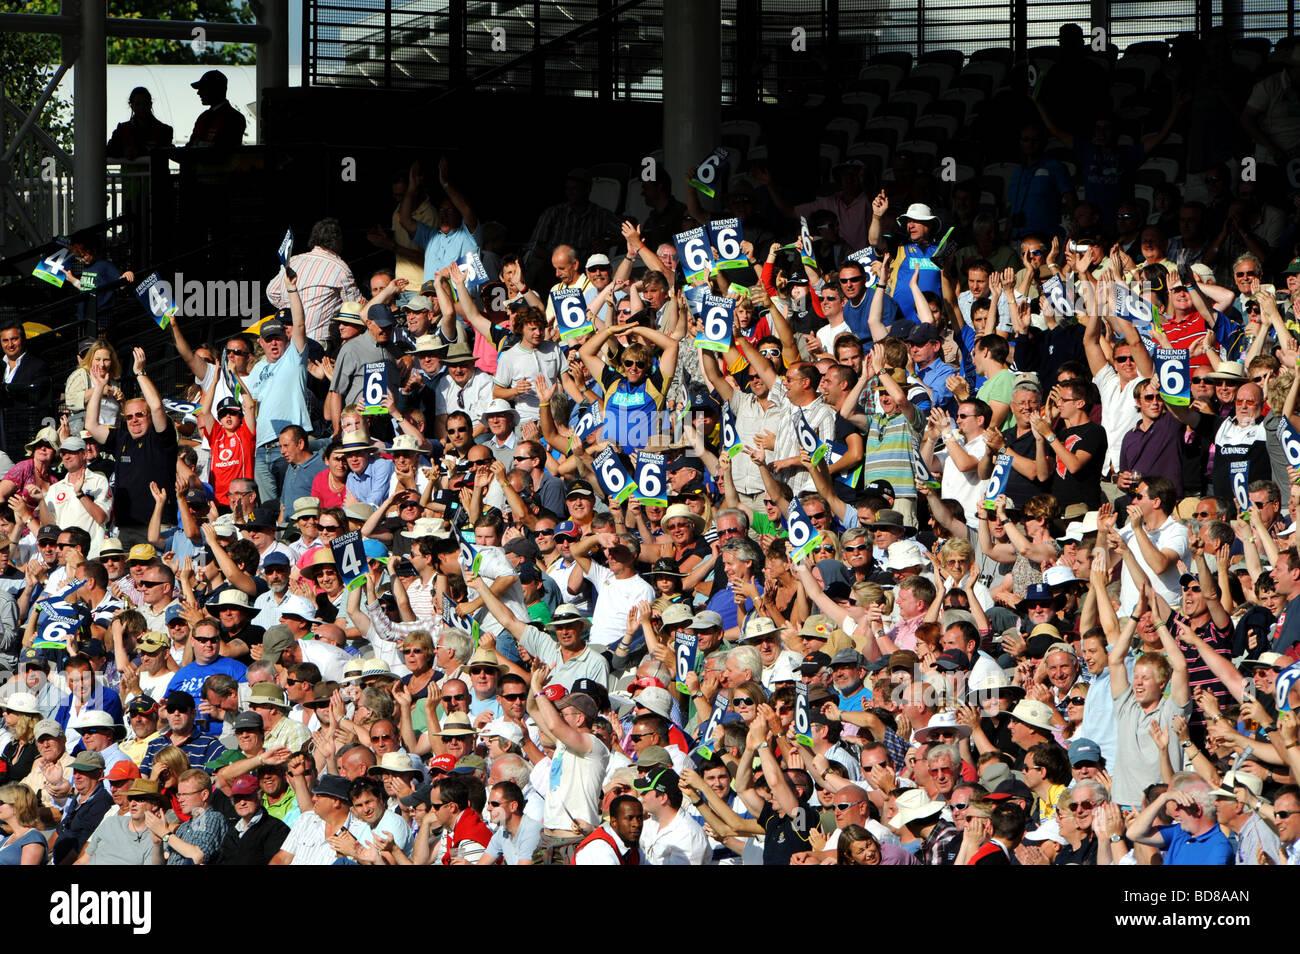 Los miembros de la multitud en un partido de cricket en espera del Señor unos seis signos Imagen De Stock